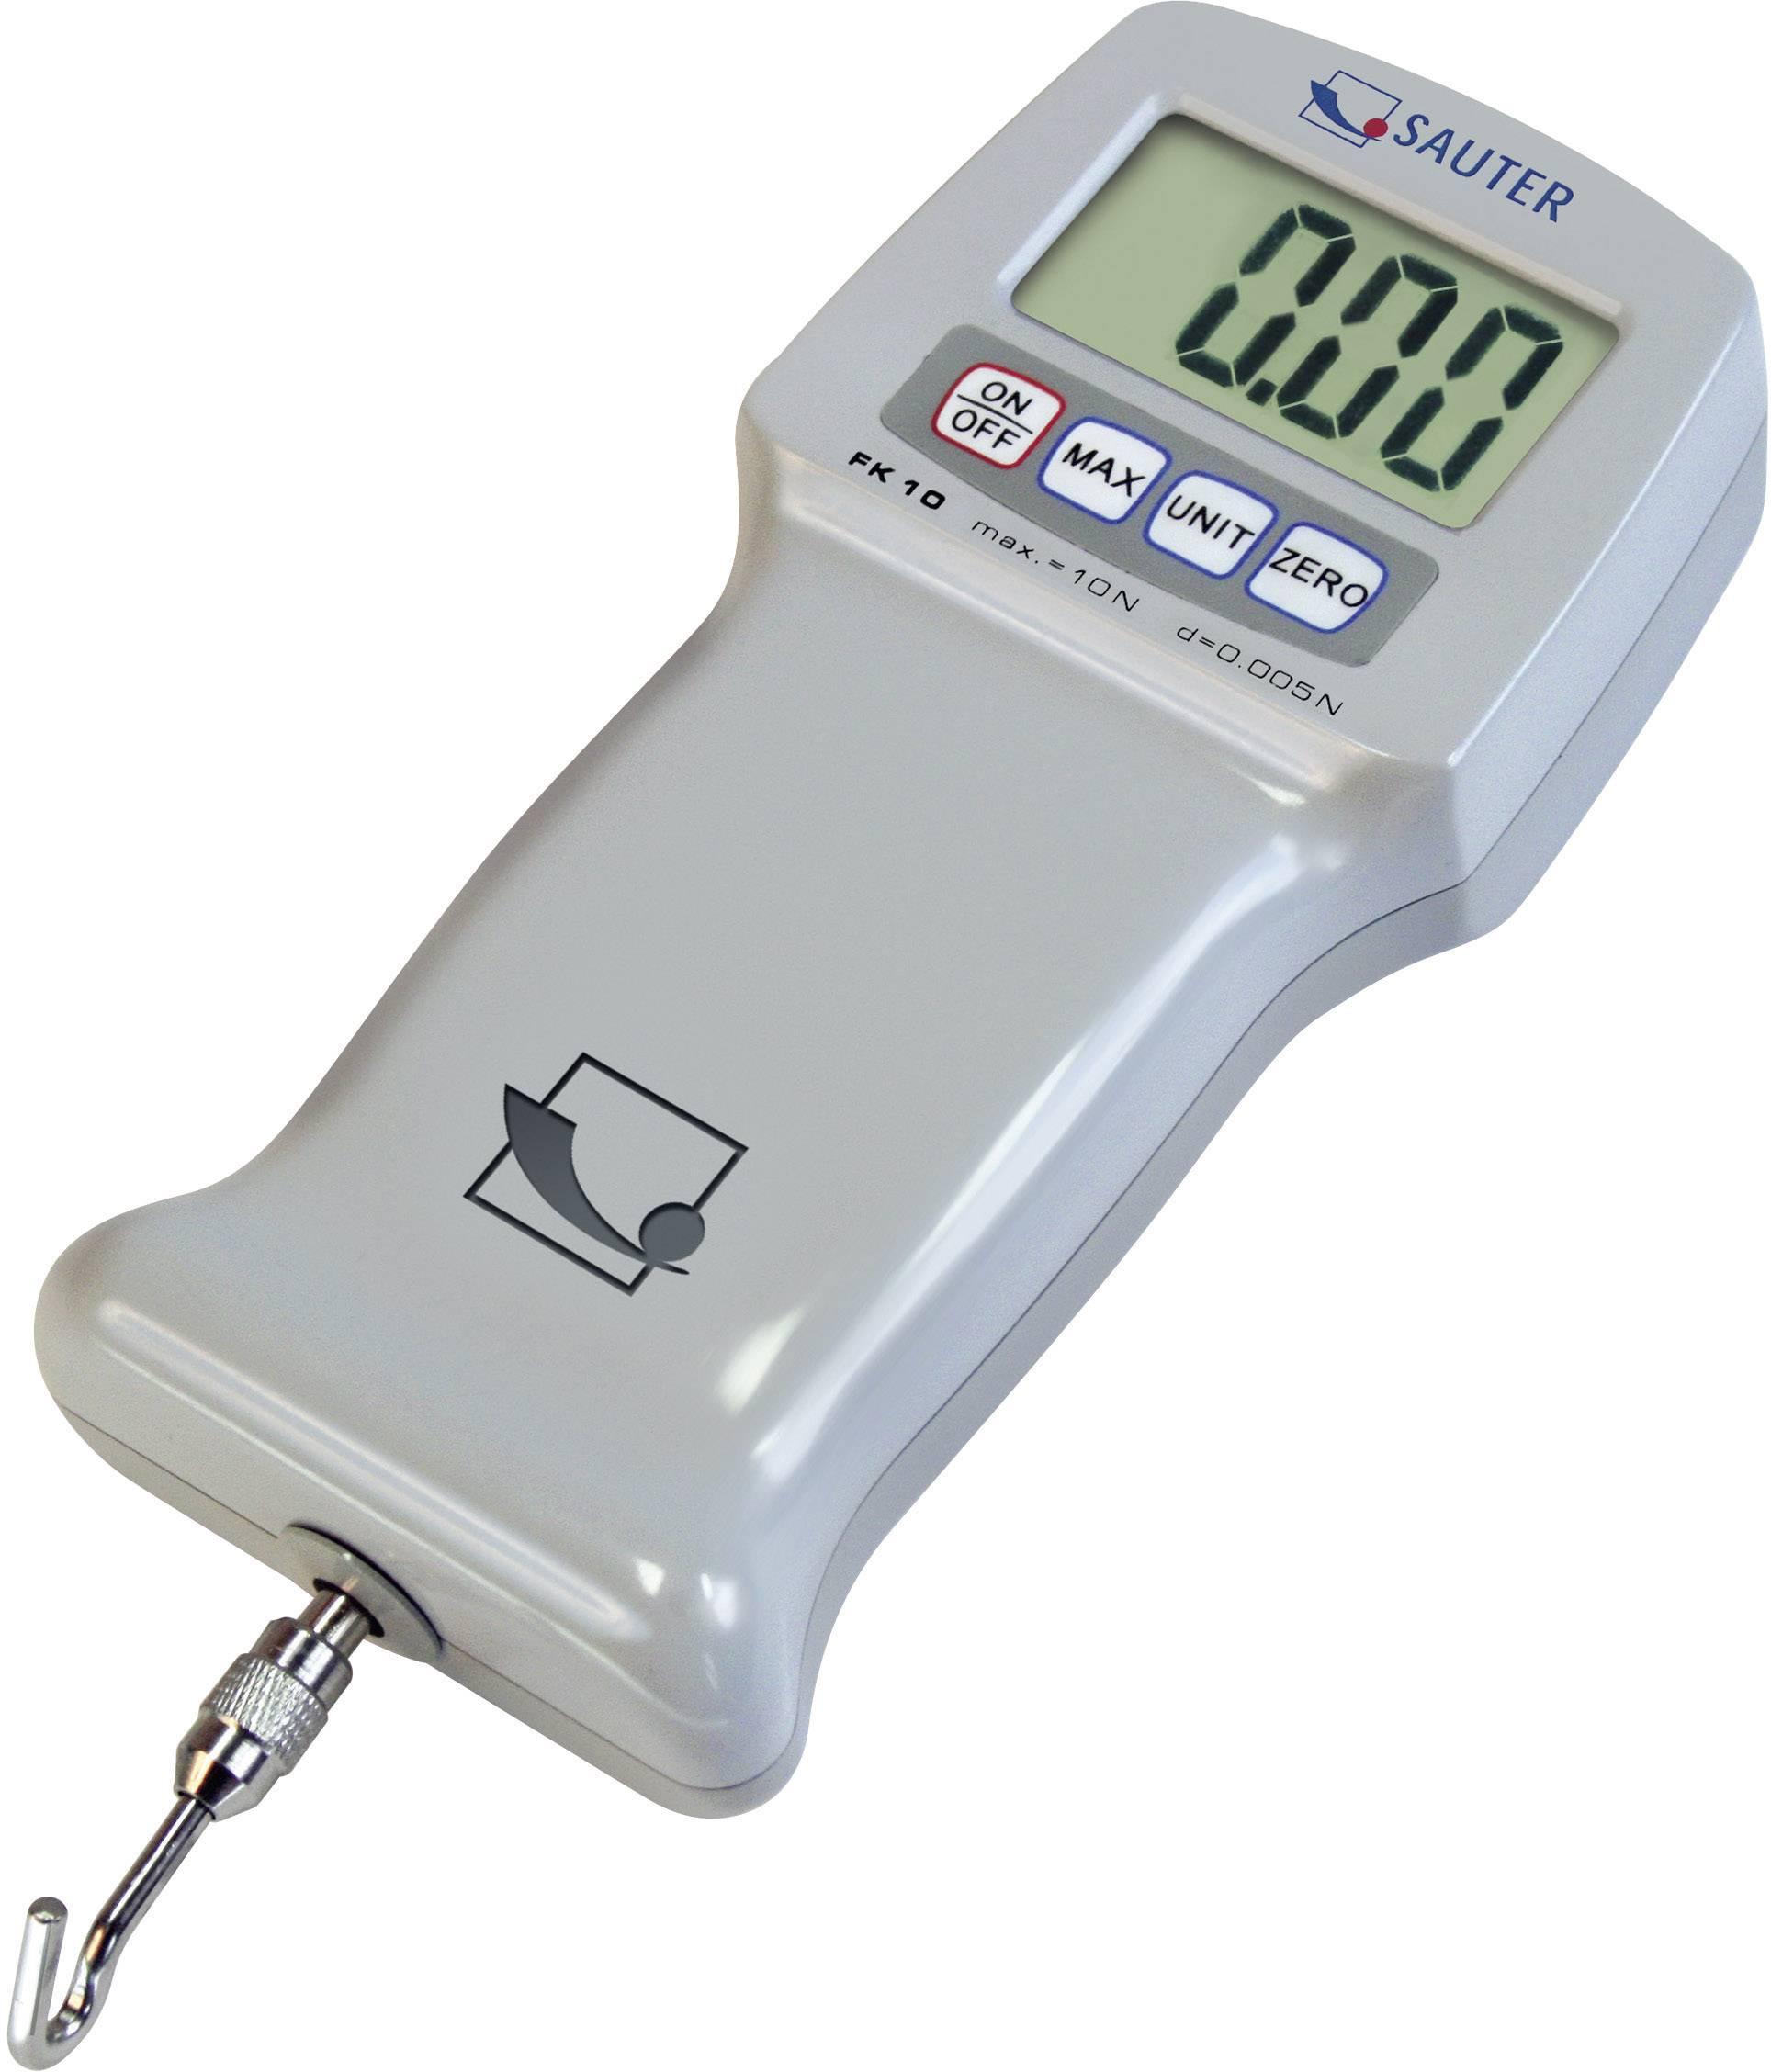 Digitální siloměr Sauter FK 500, 500 N, kalibrace dle ISO, kalibrováno dle ISO